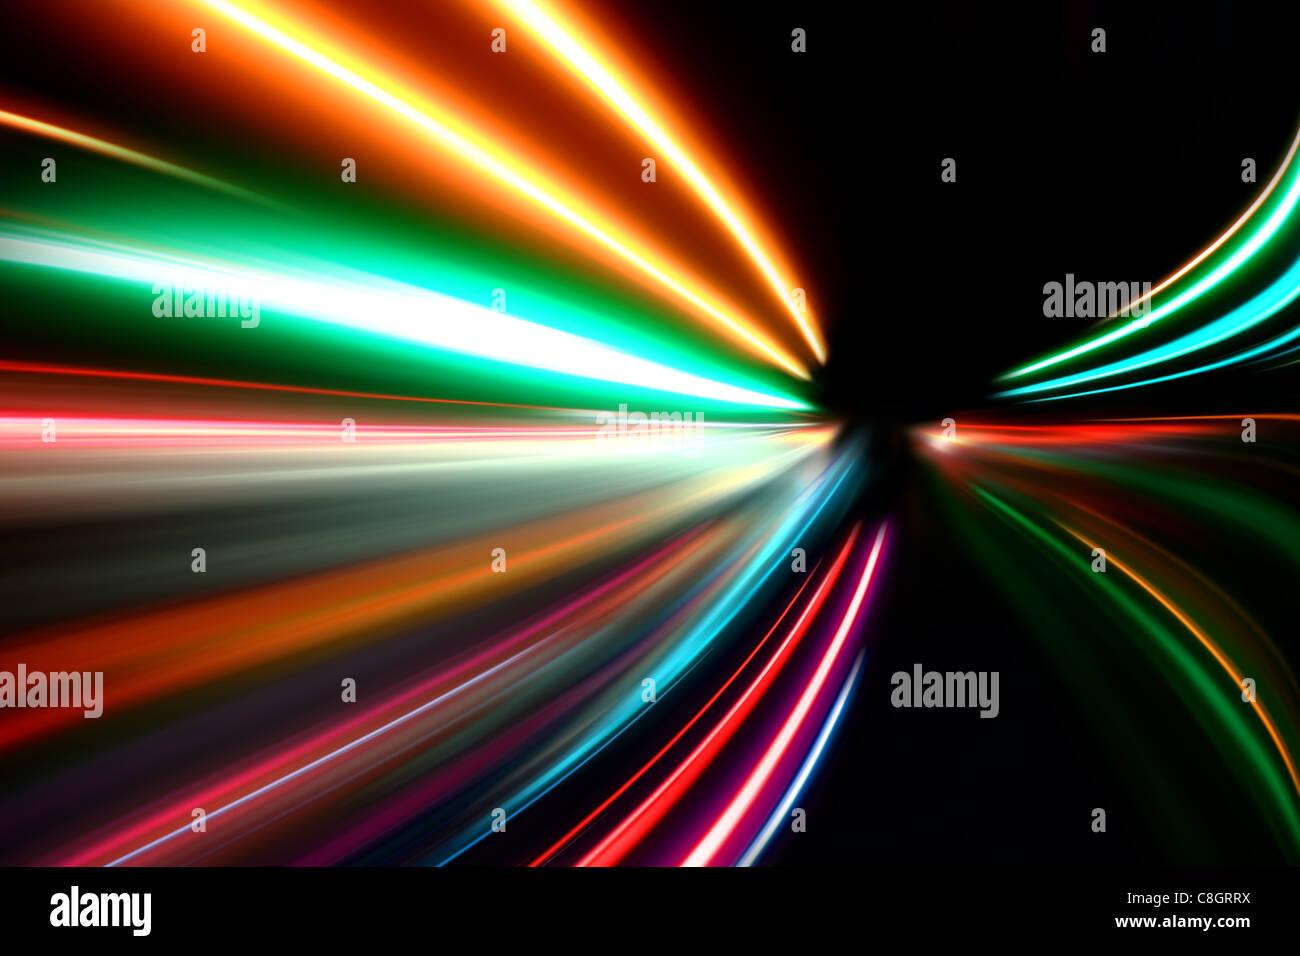 abstrakte Beschleunigung Geschwindigkeit Bewegung Nacht unterwegs Stockfoto